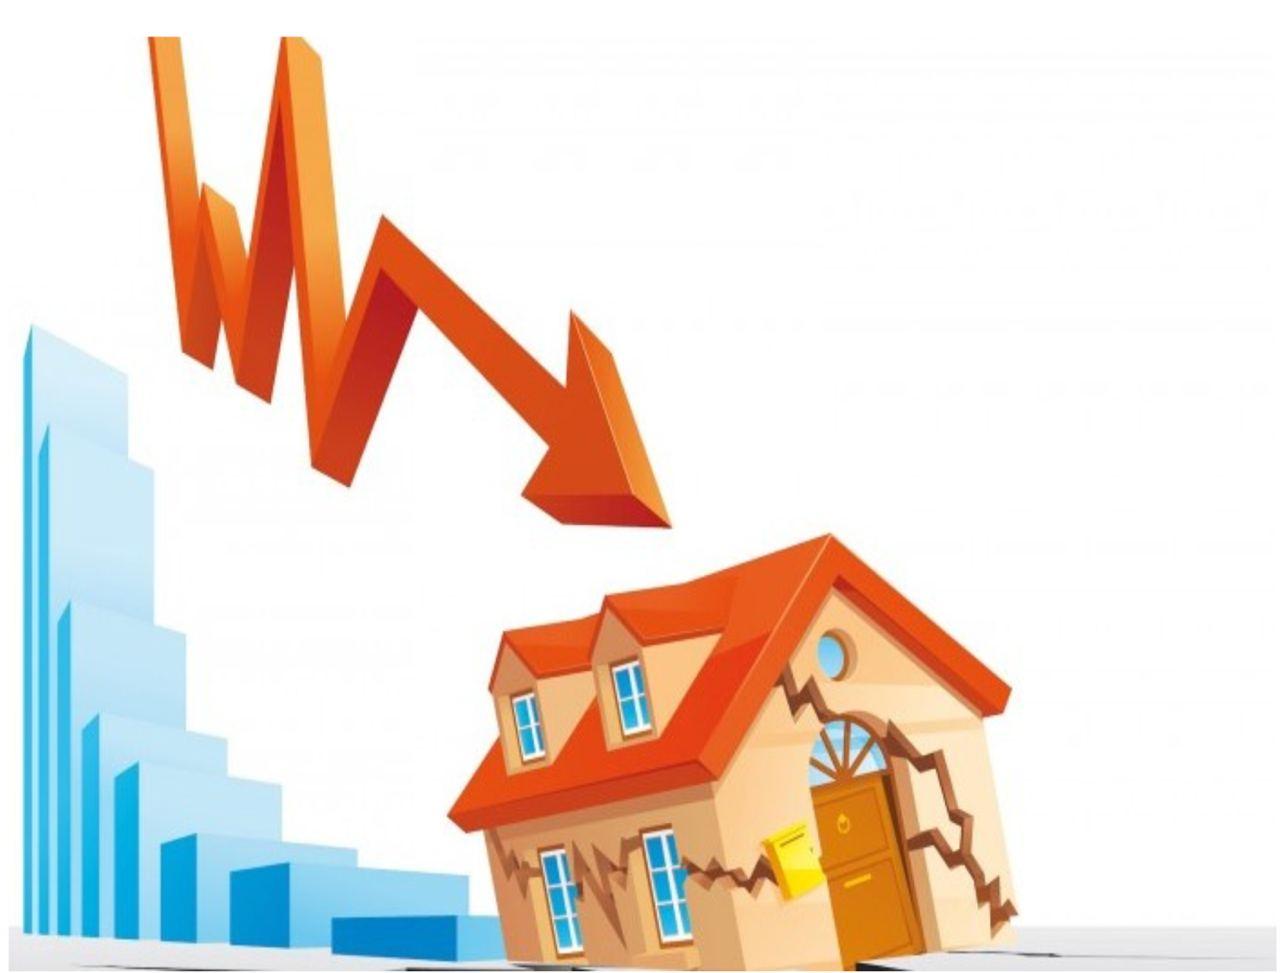 Сейчас следует отказаться от идеи приобретения любой недвижимости, и особенно ипотечной